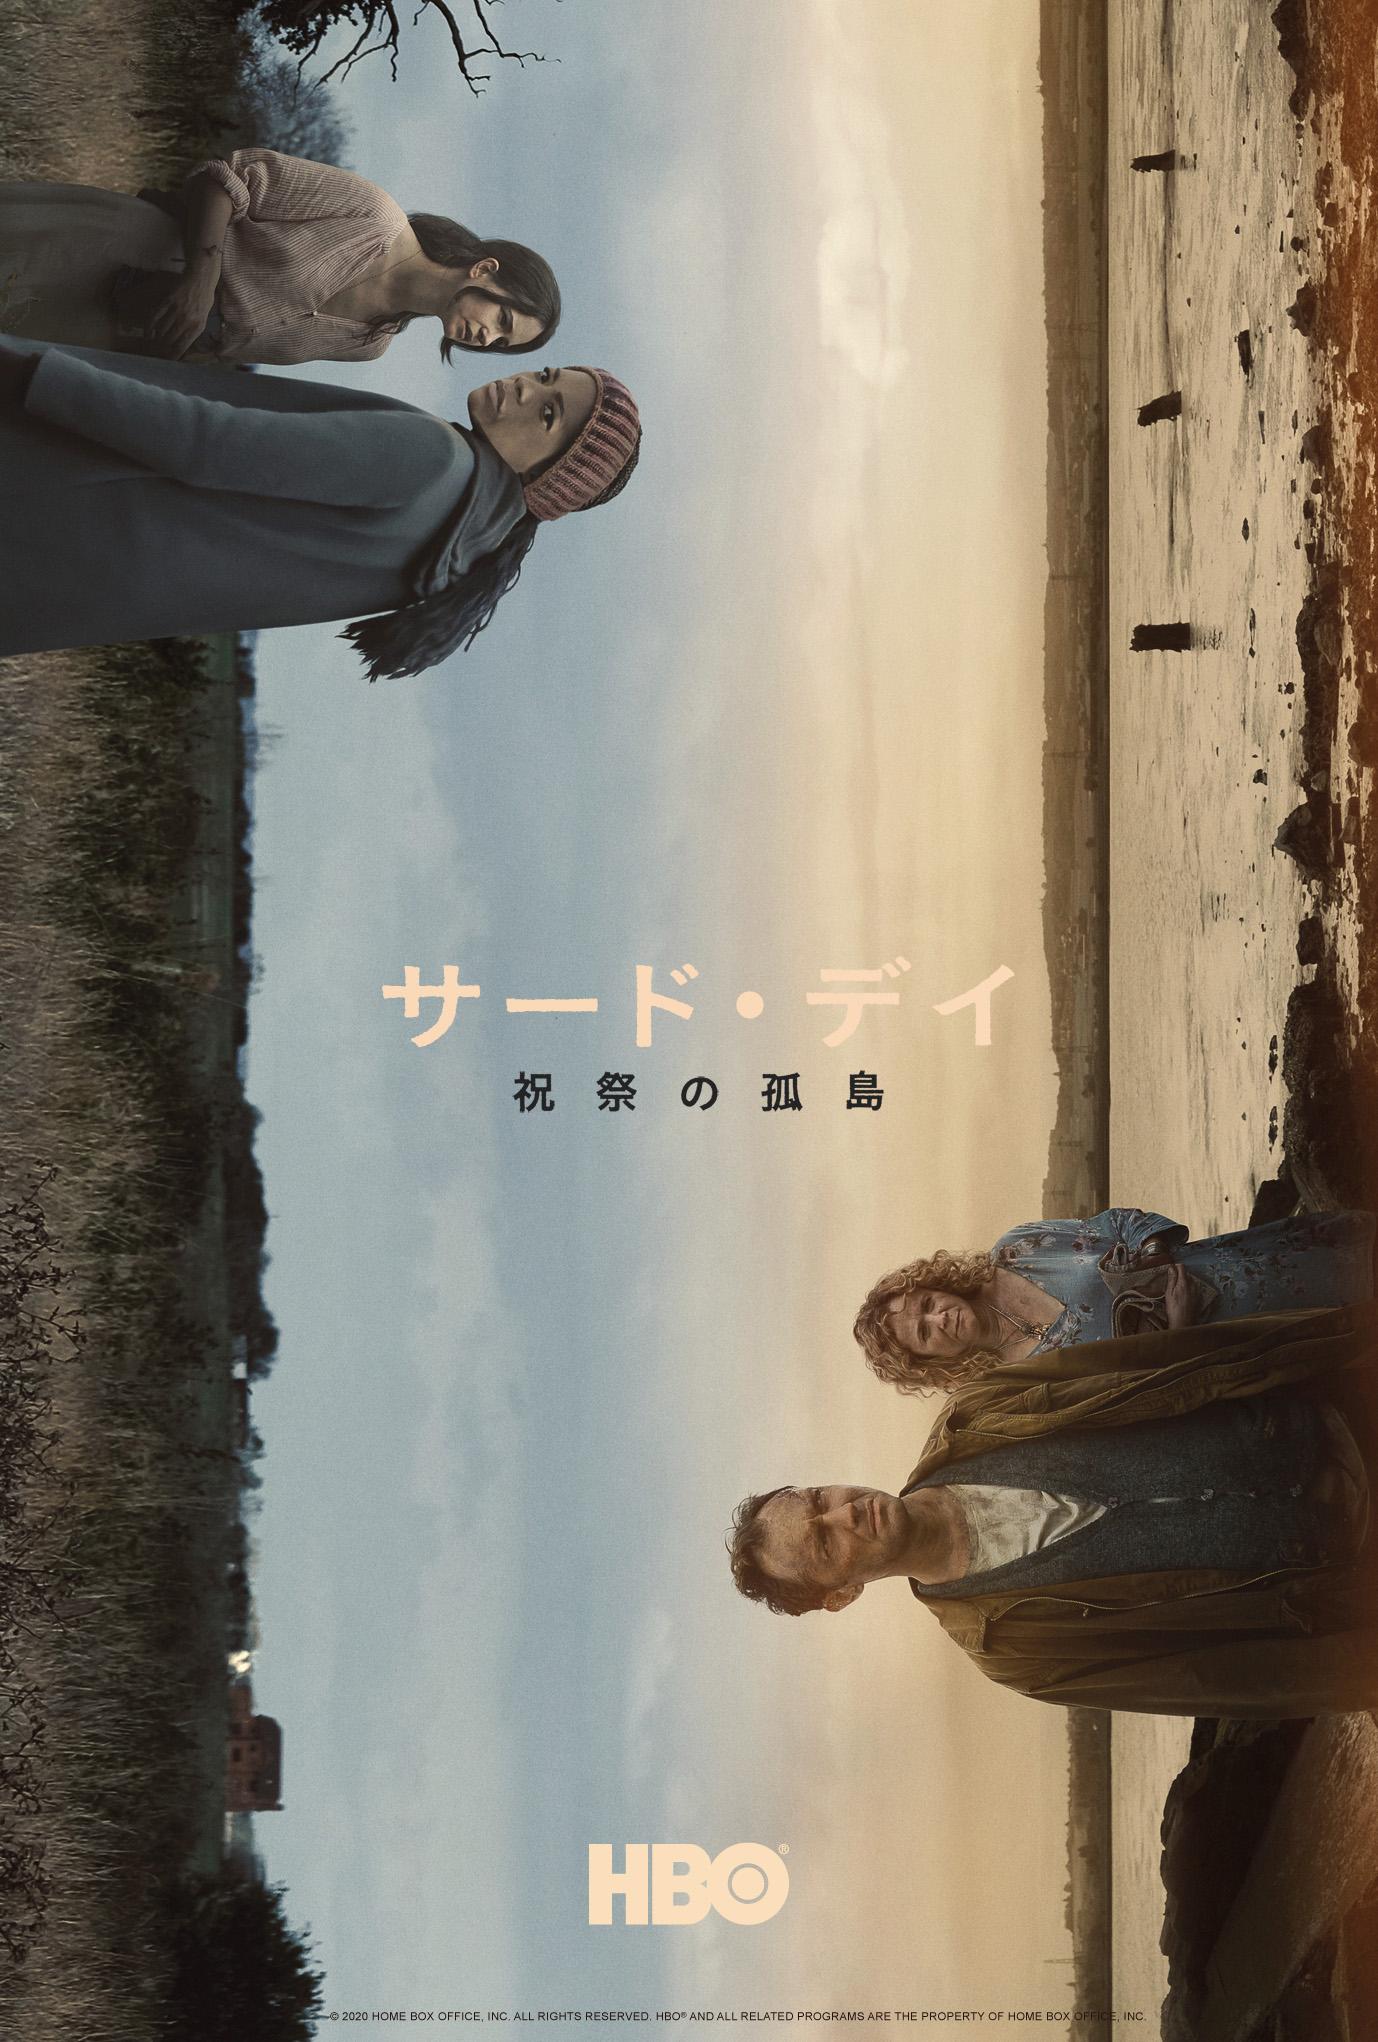 """ジュード・ロウ&ナオミ・ハリスW主演、ブラピ率いる""""プランB"""" × HBO(R)︎が贈る新たな形のミステリードラマ『サード・デイ ~祝祭の孤島~』が「スターチャンネルEX」にて独占配信決定!"""